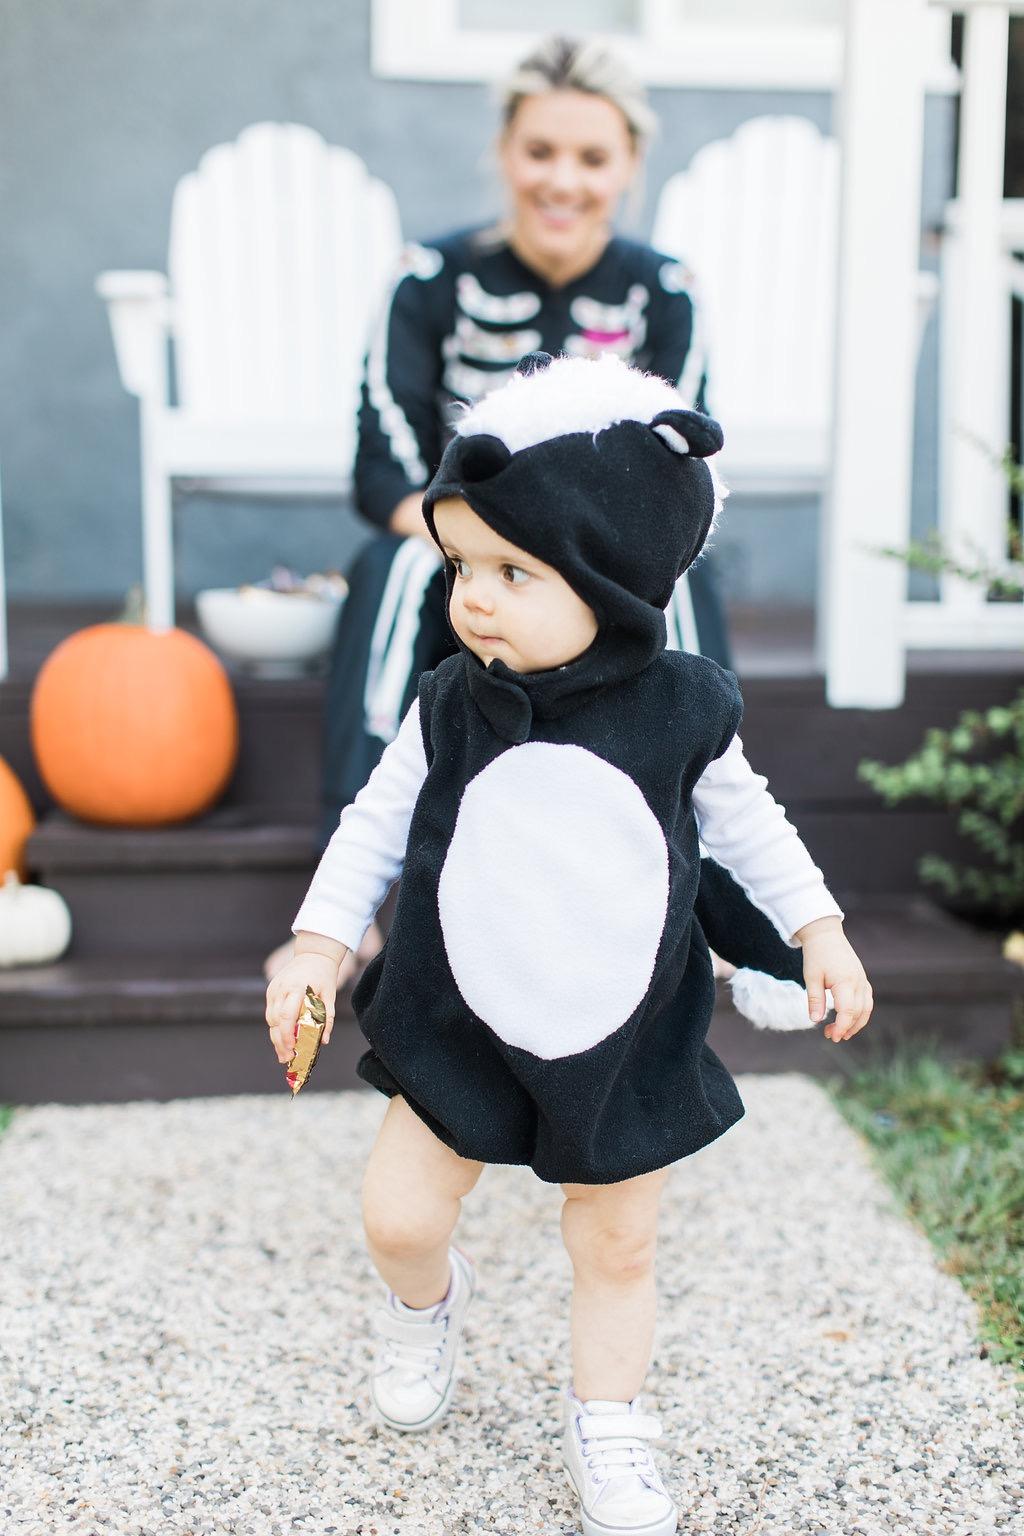 costume ideas | ali fedotowsky